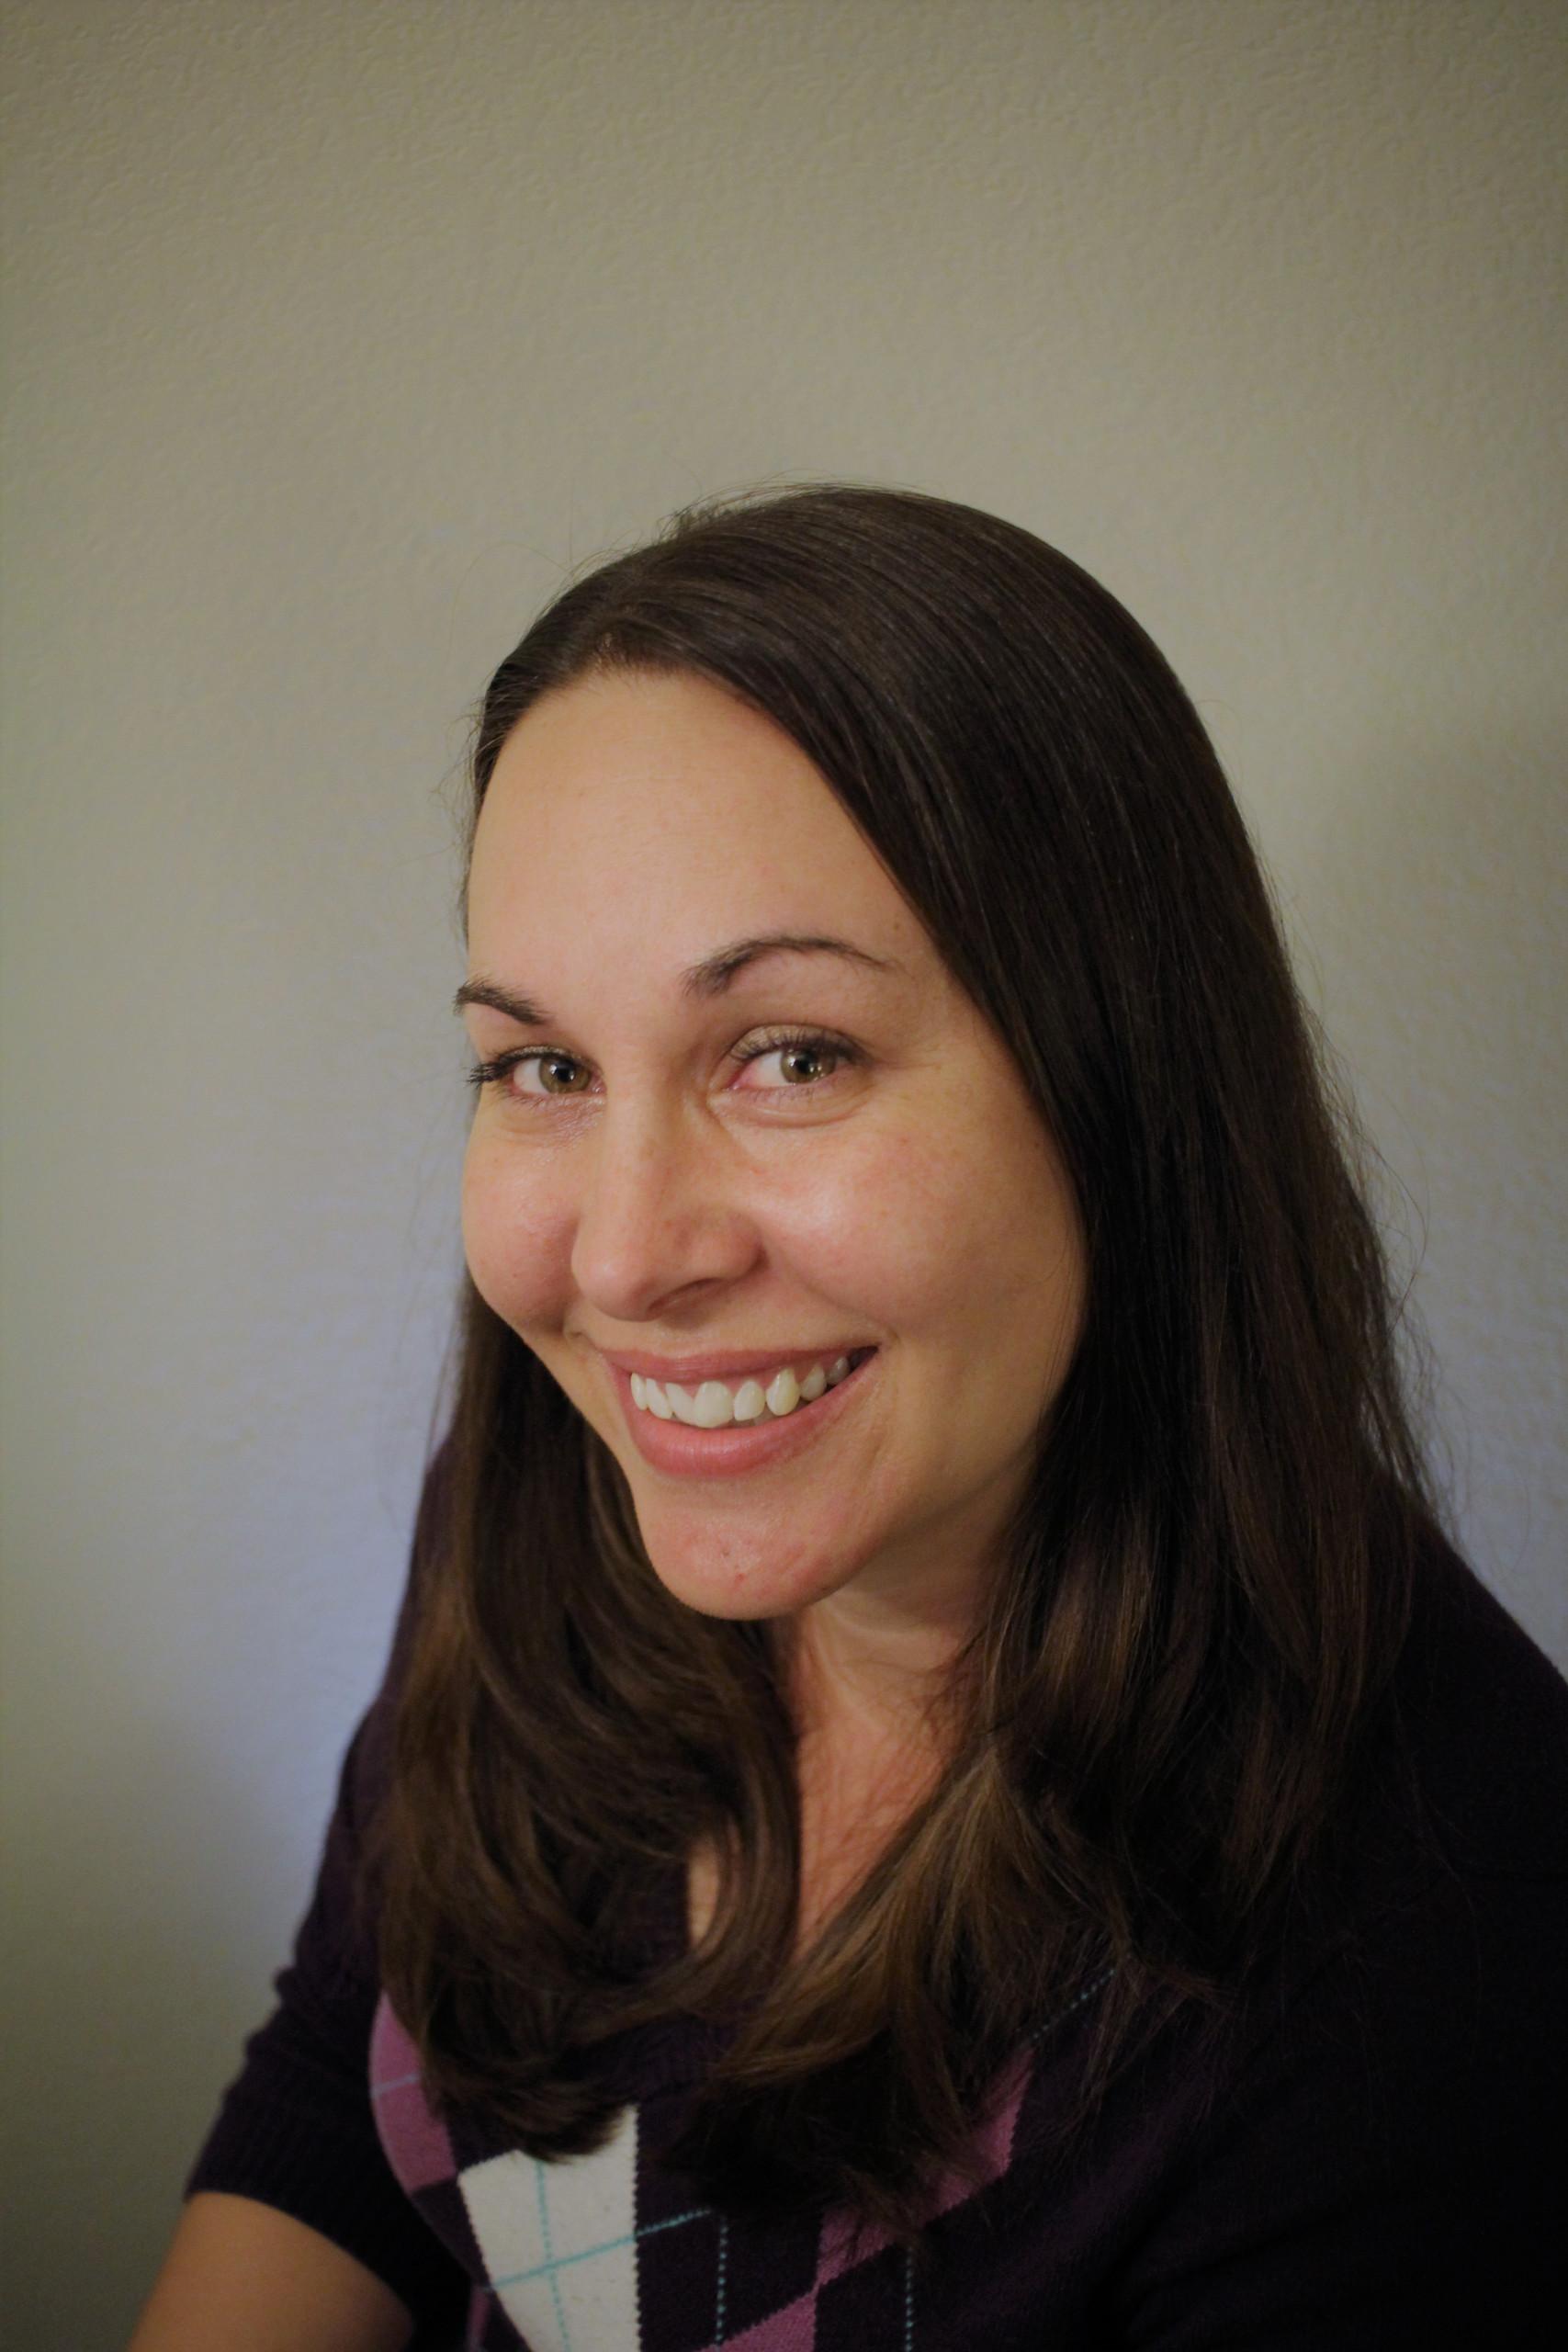 Janette Brocklehurst